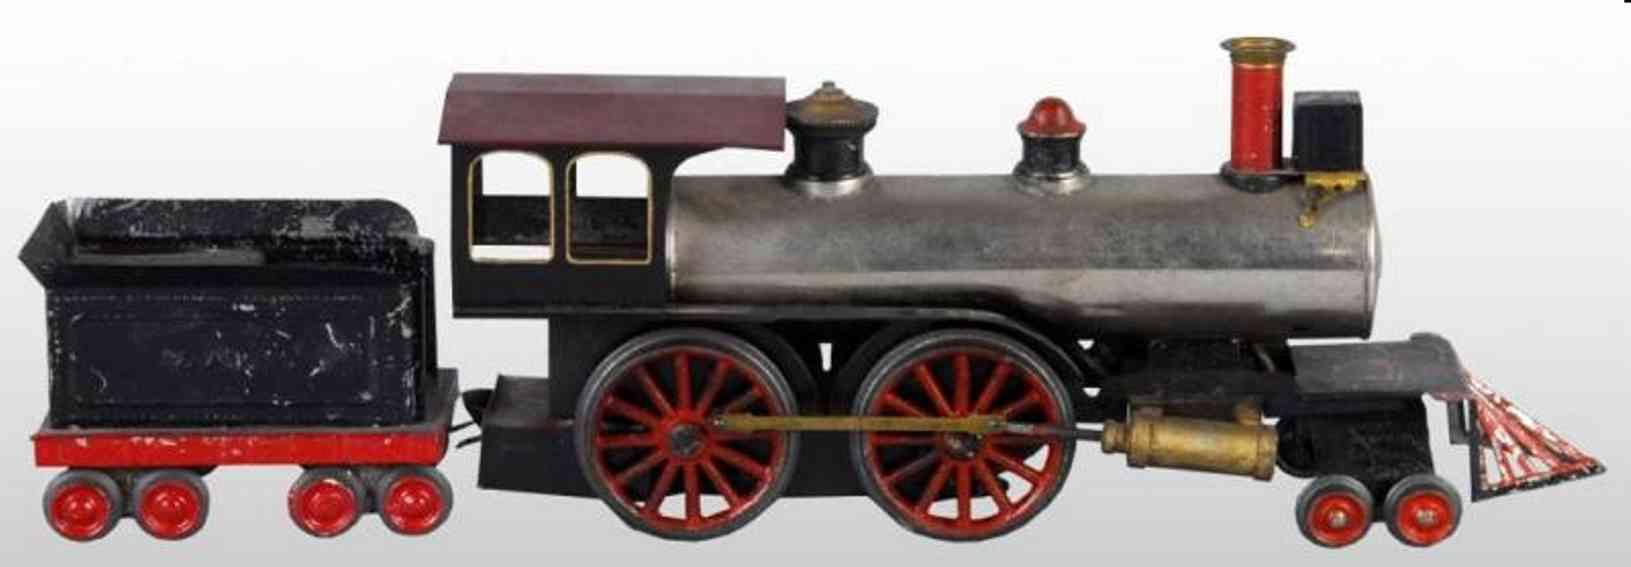 Weeden 3 Dampflokomotive mit Tender 1 & ARR